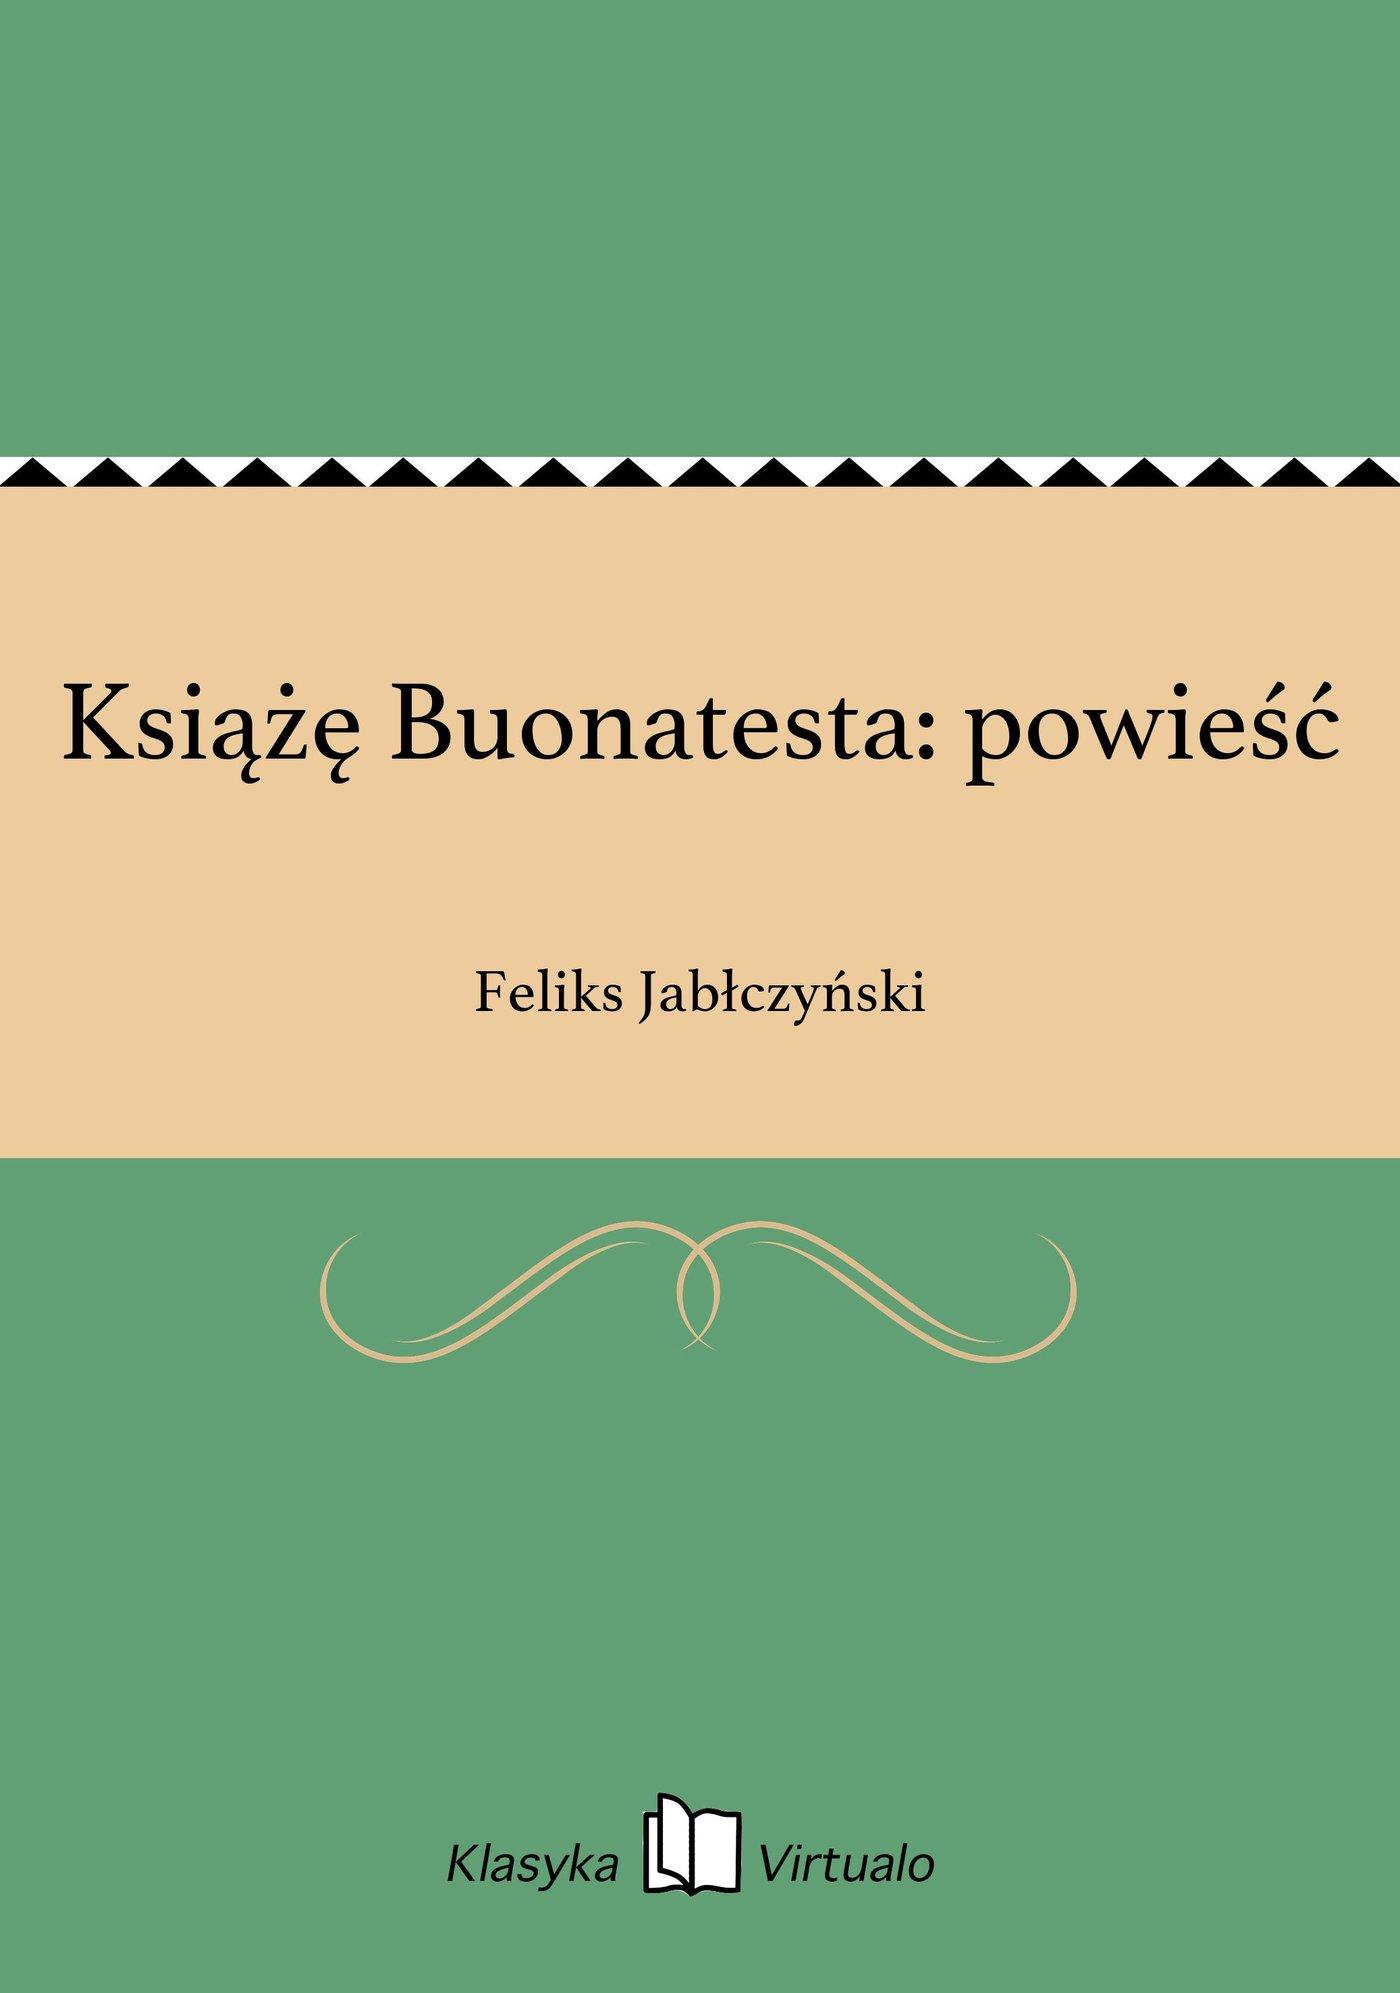 Książę Buonatesta: powieść - Ebook (Książka EPUB) do pobrania w formacie EPUB